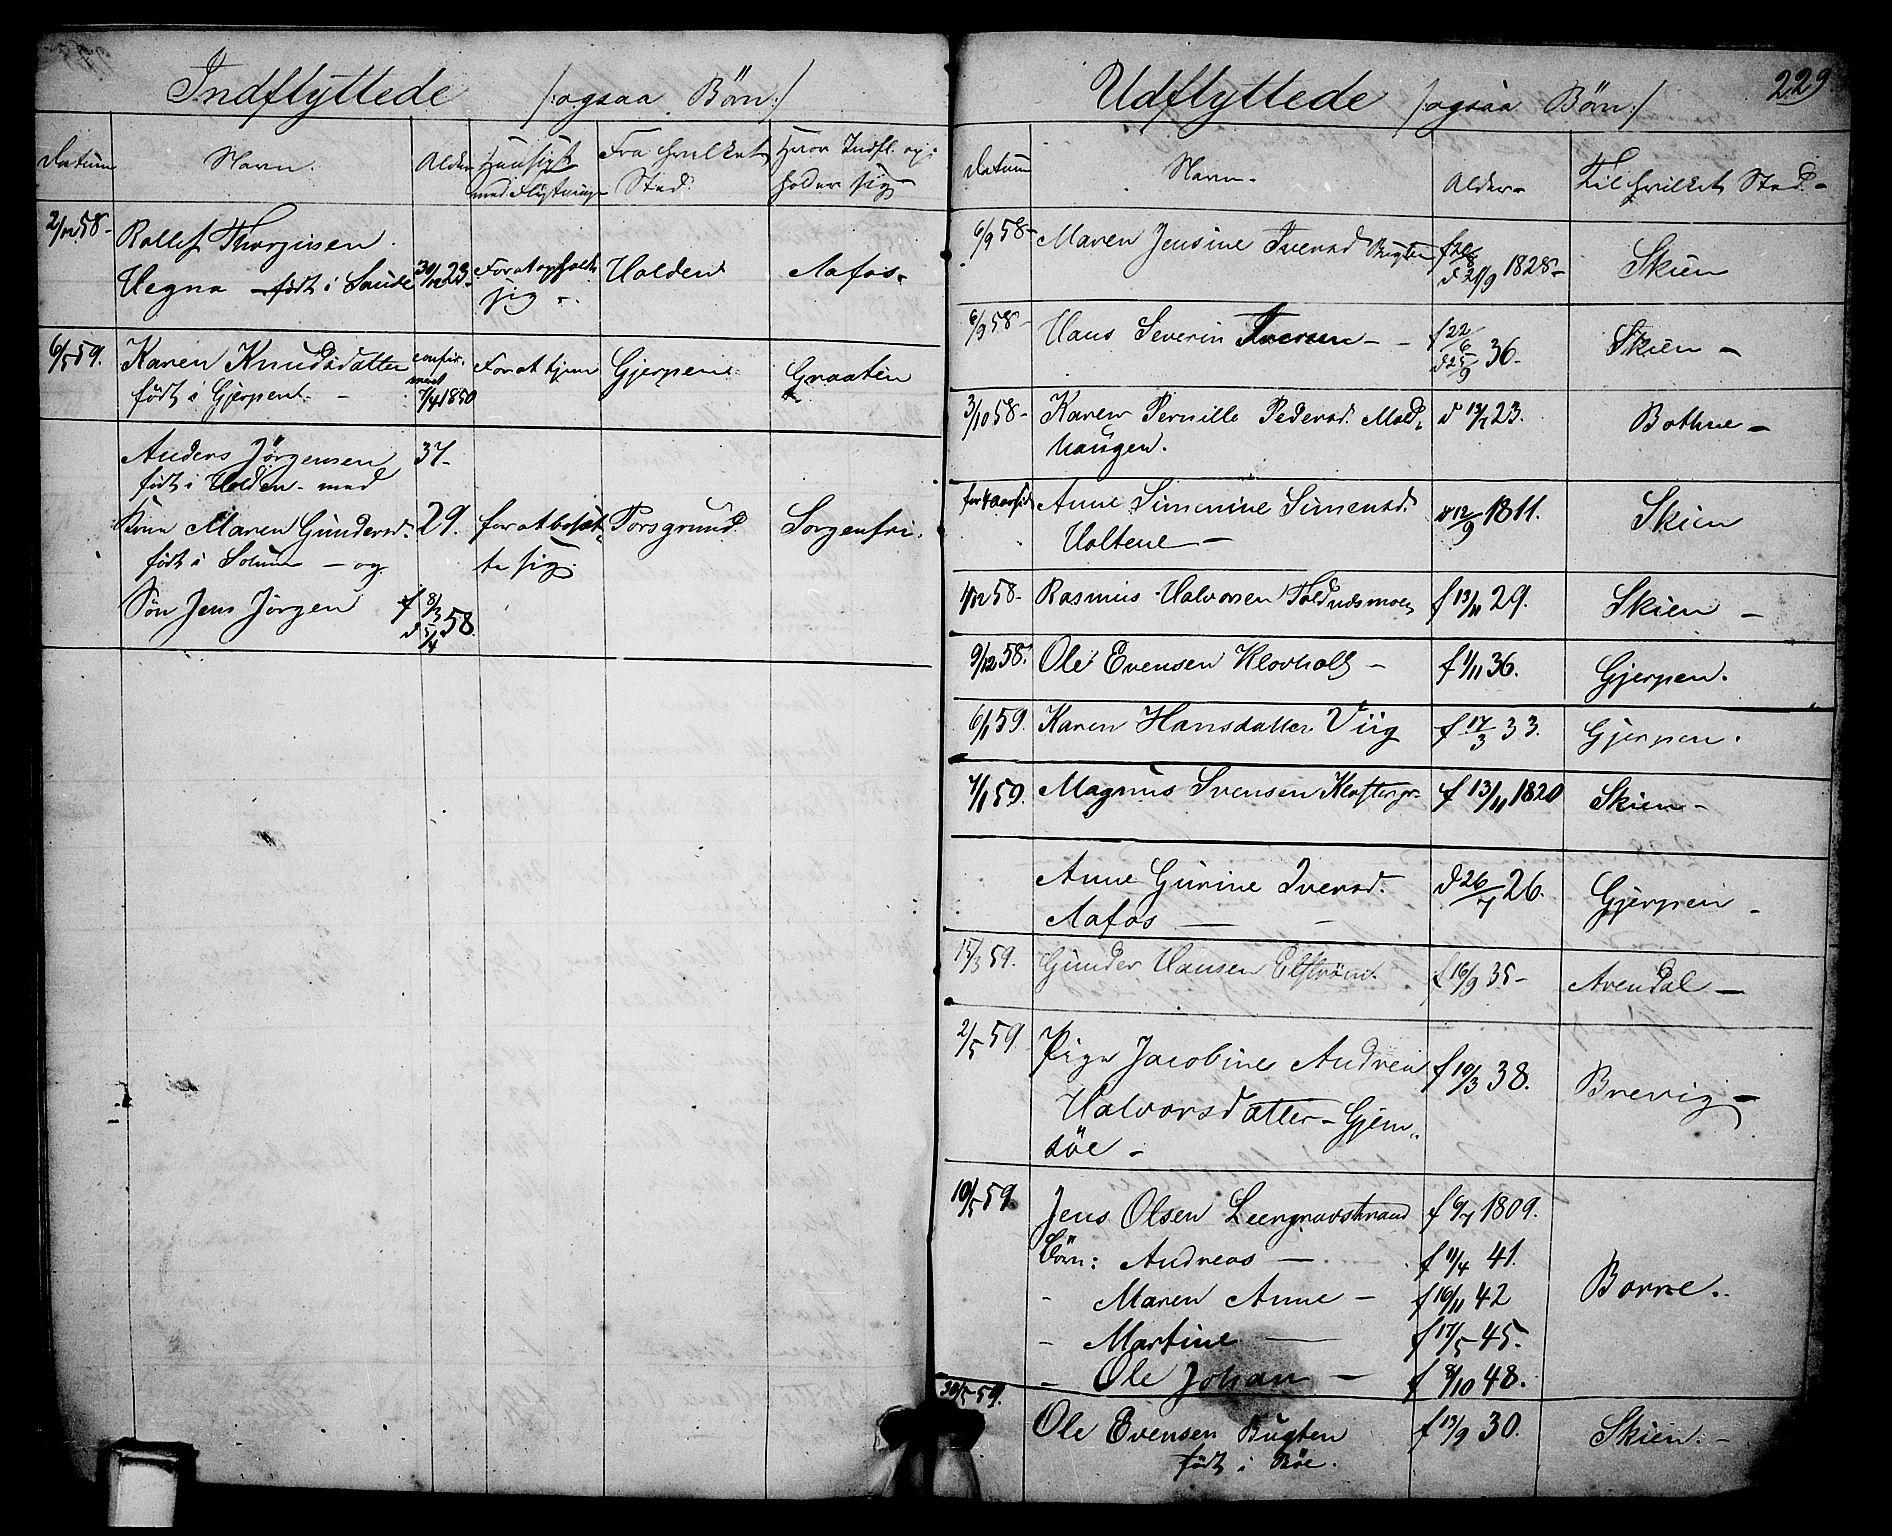 SAKO, Solum kirkebøker, G/Ga/L0003: Klokkerbok nr. I 3, 1848-1859, s. 229